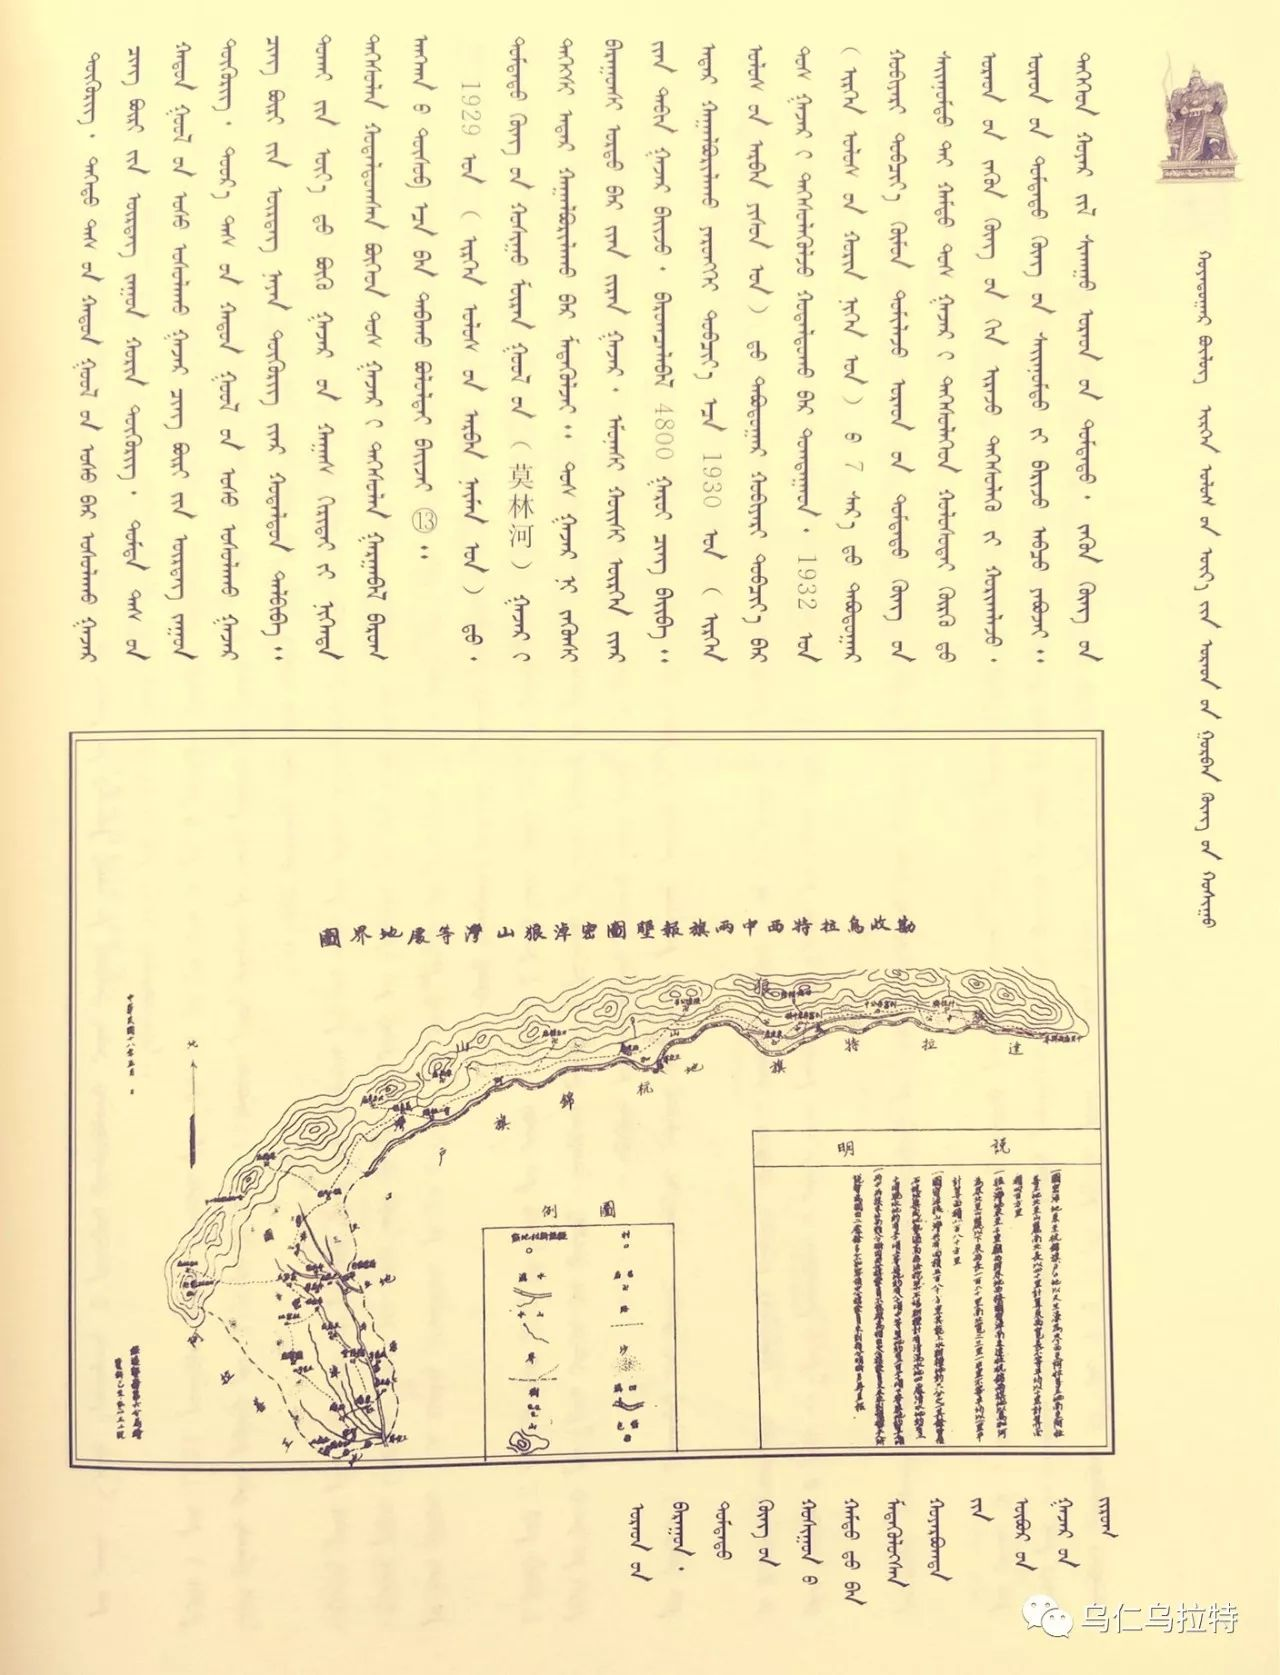 图书介绍《乌拉特历史文化》 第36张